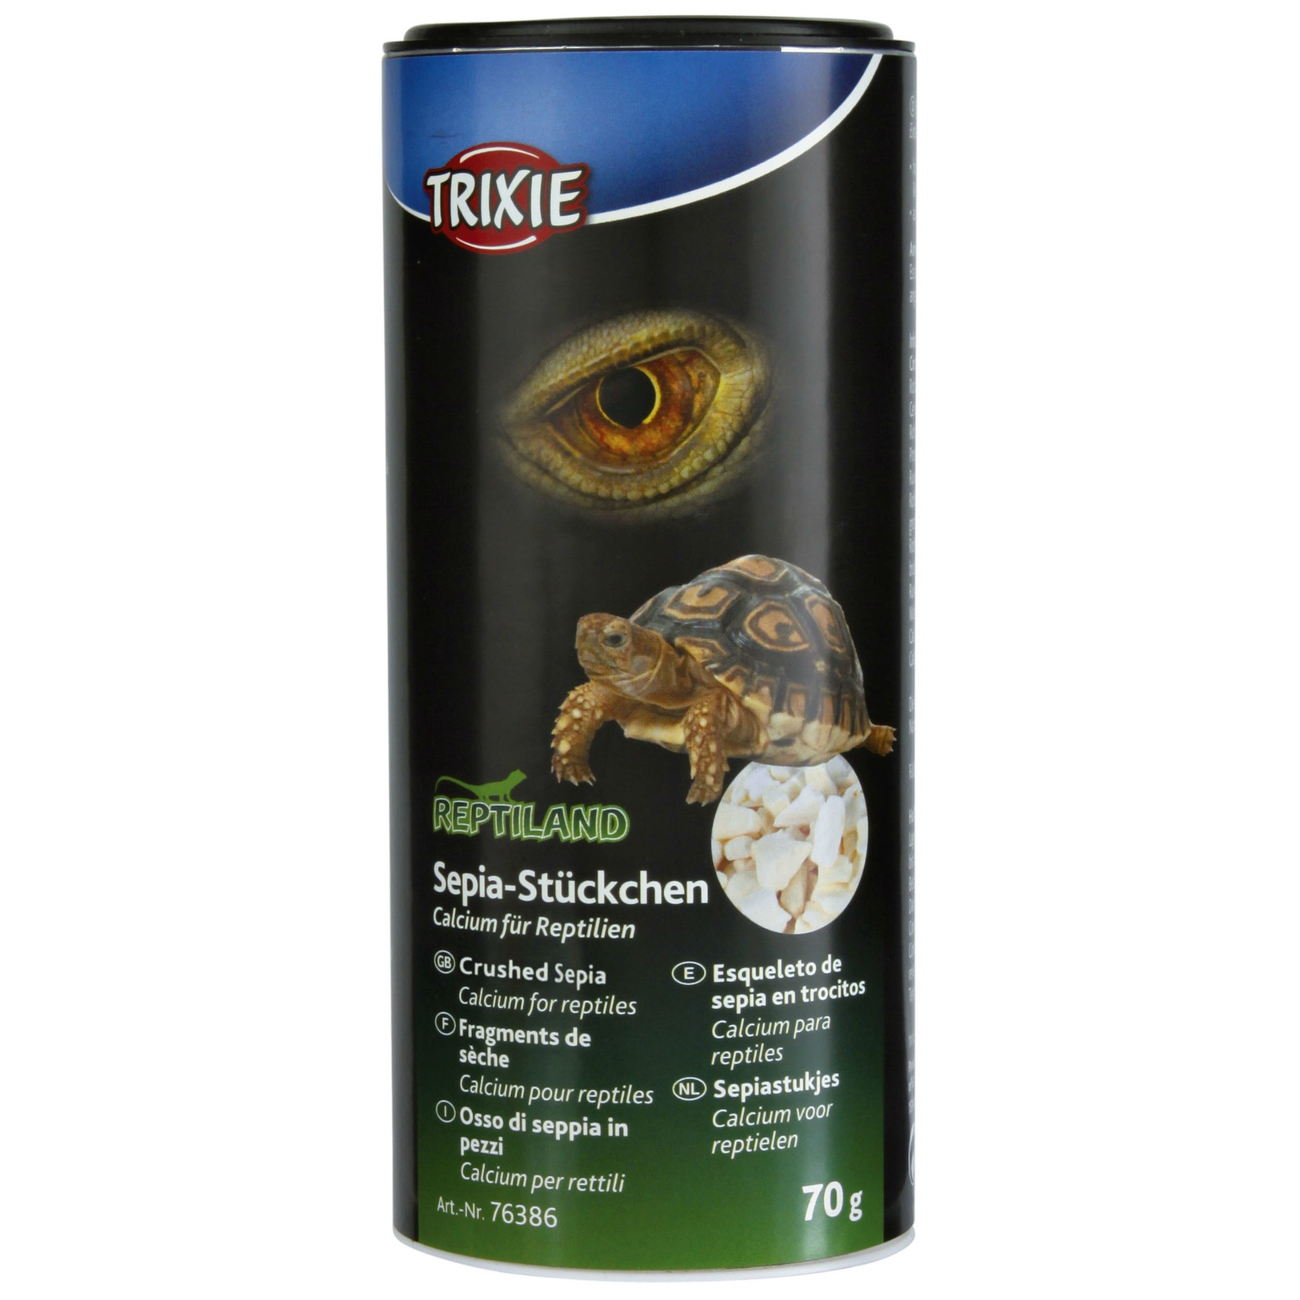 TRIXIE Sepia-Stückchen, Calcium für Reptilien 76386